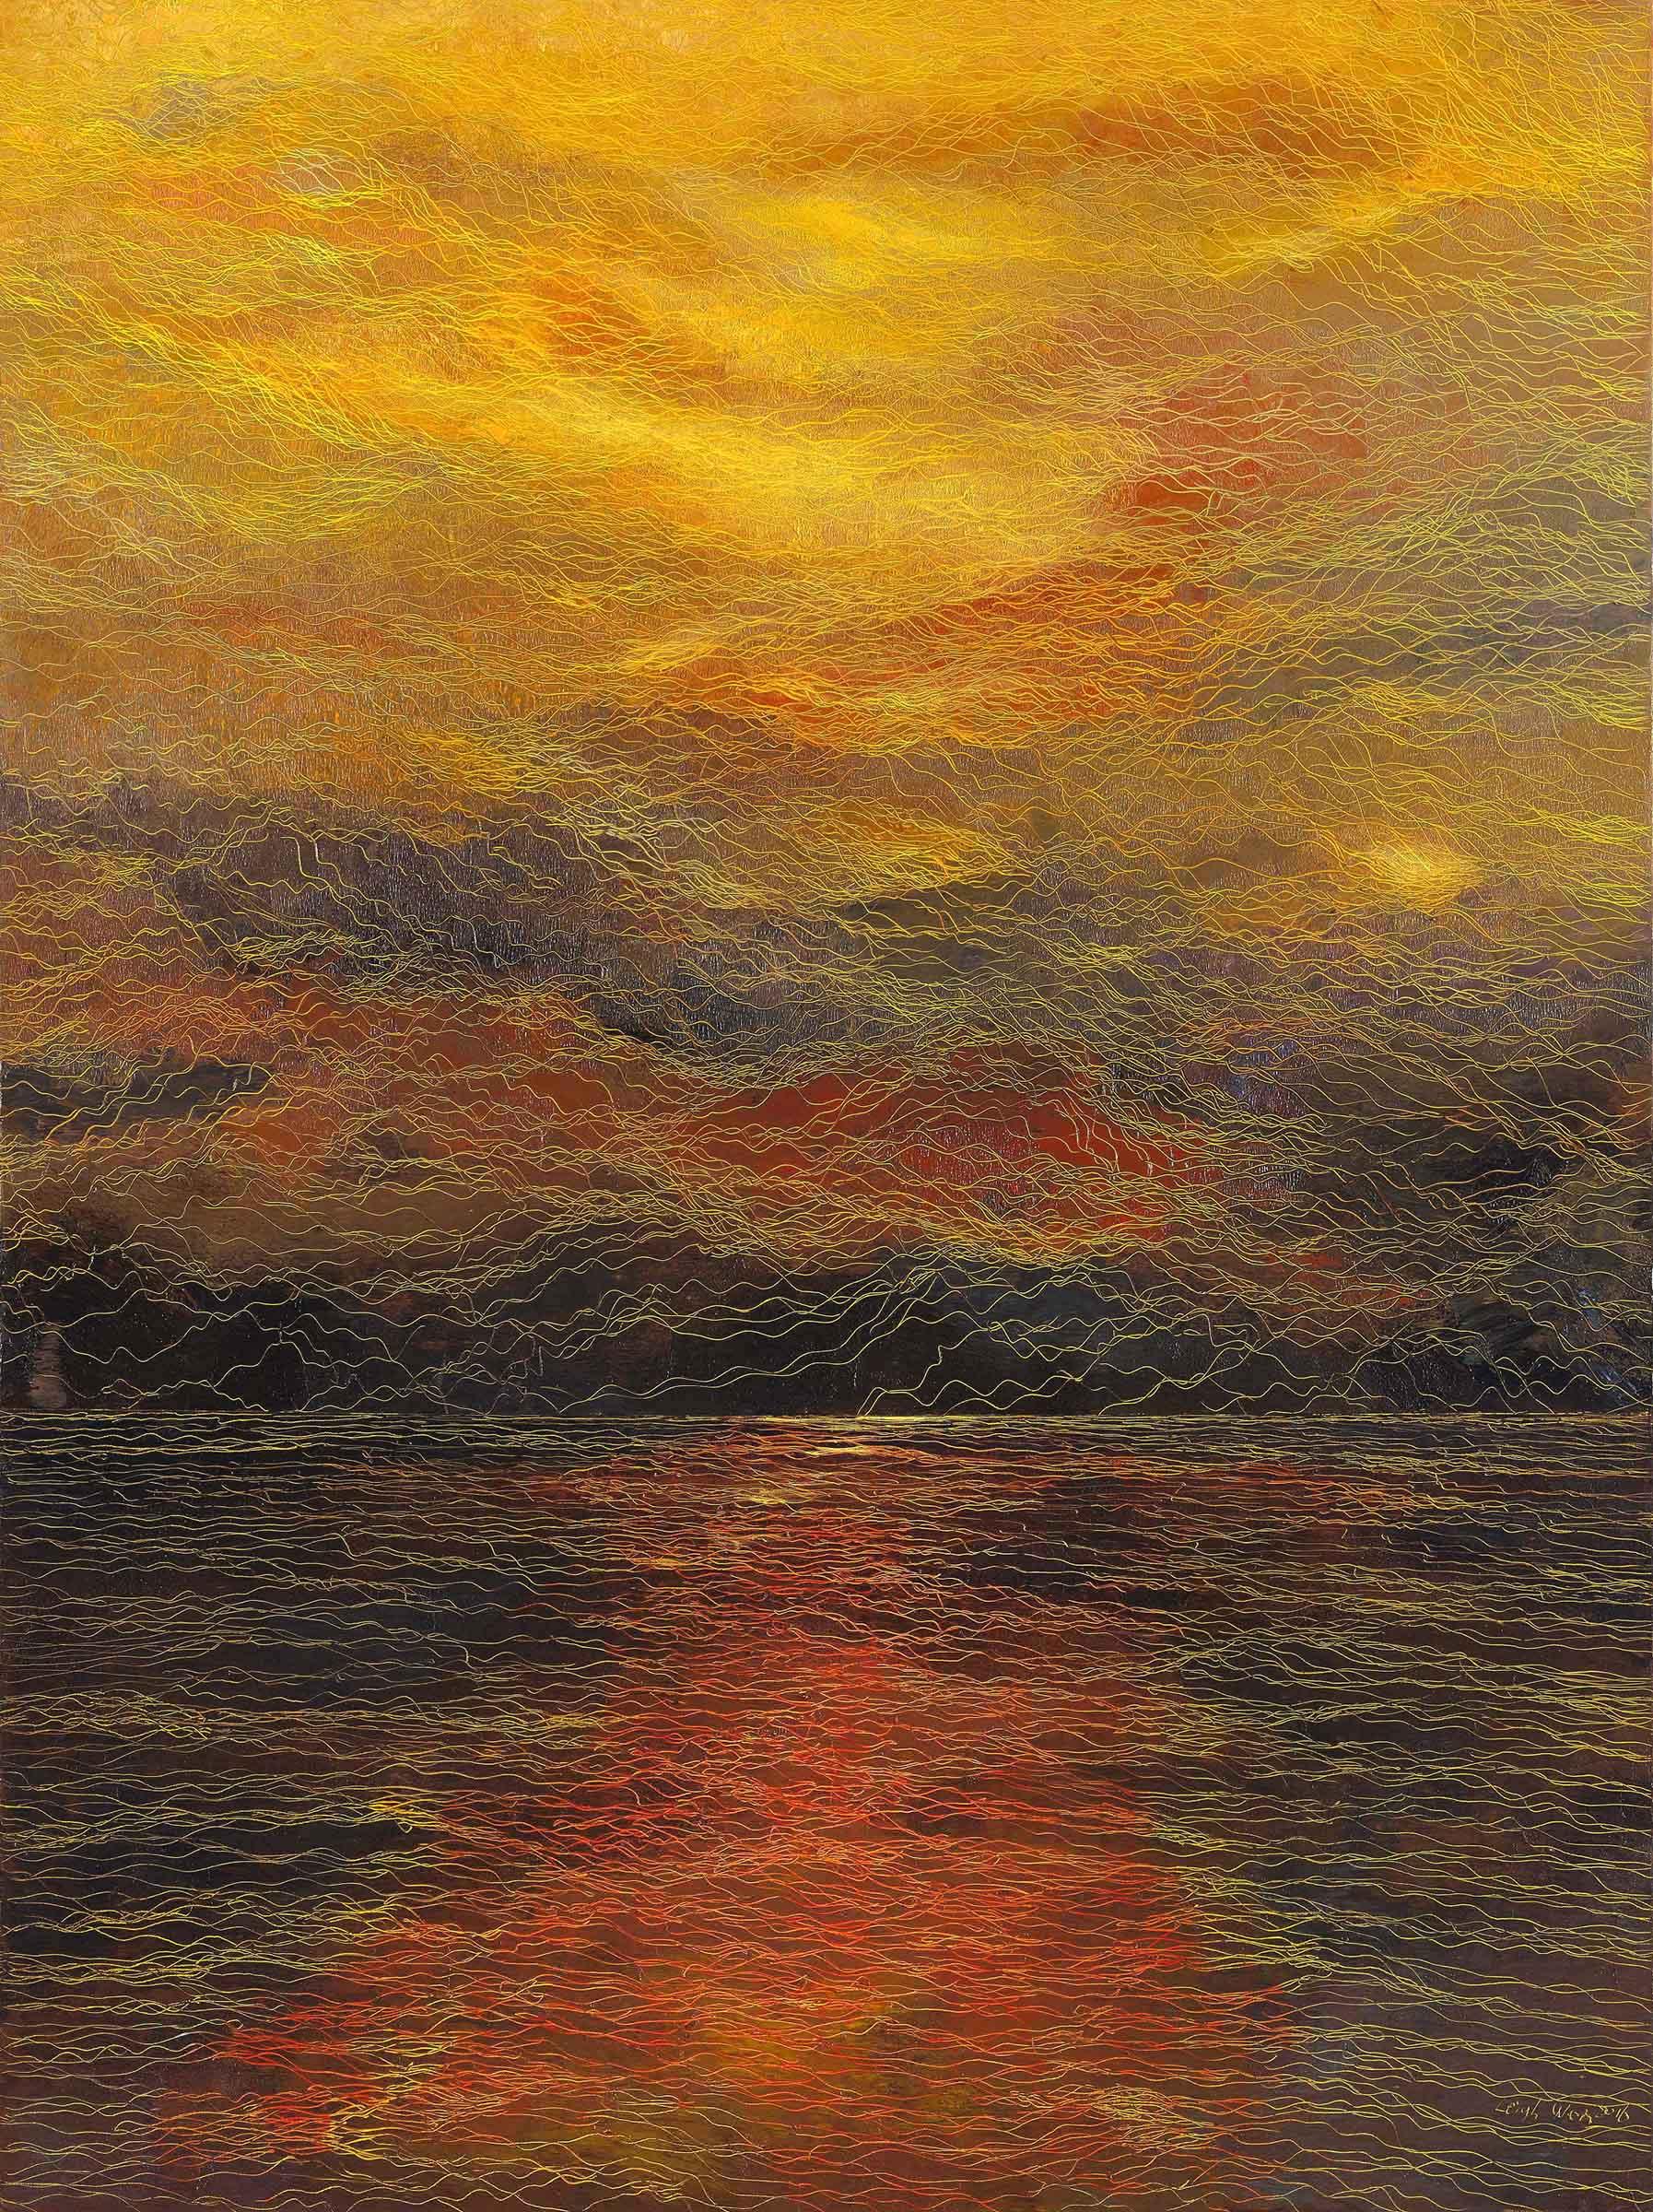 莫內與透納的對話 The conversation between Monet and Turner